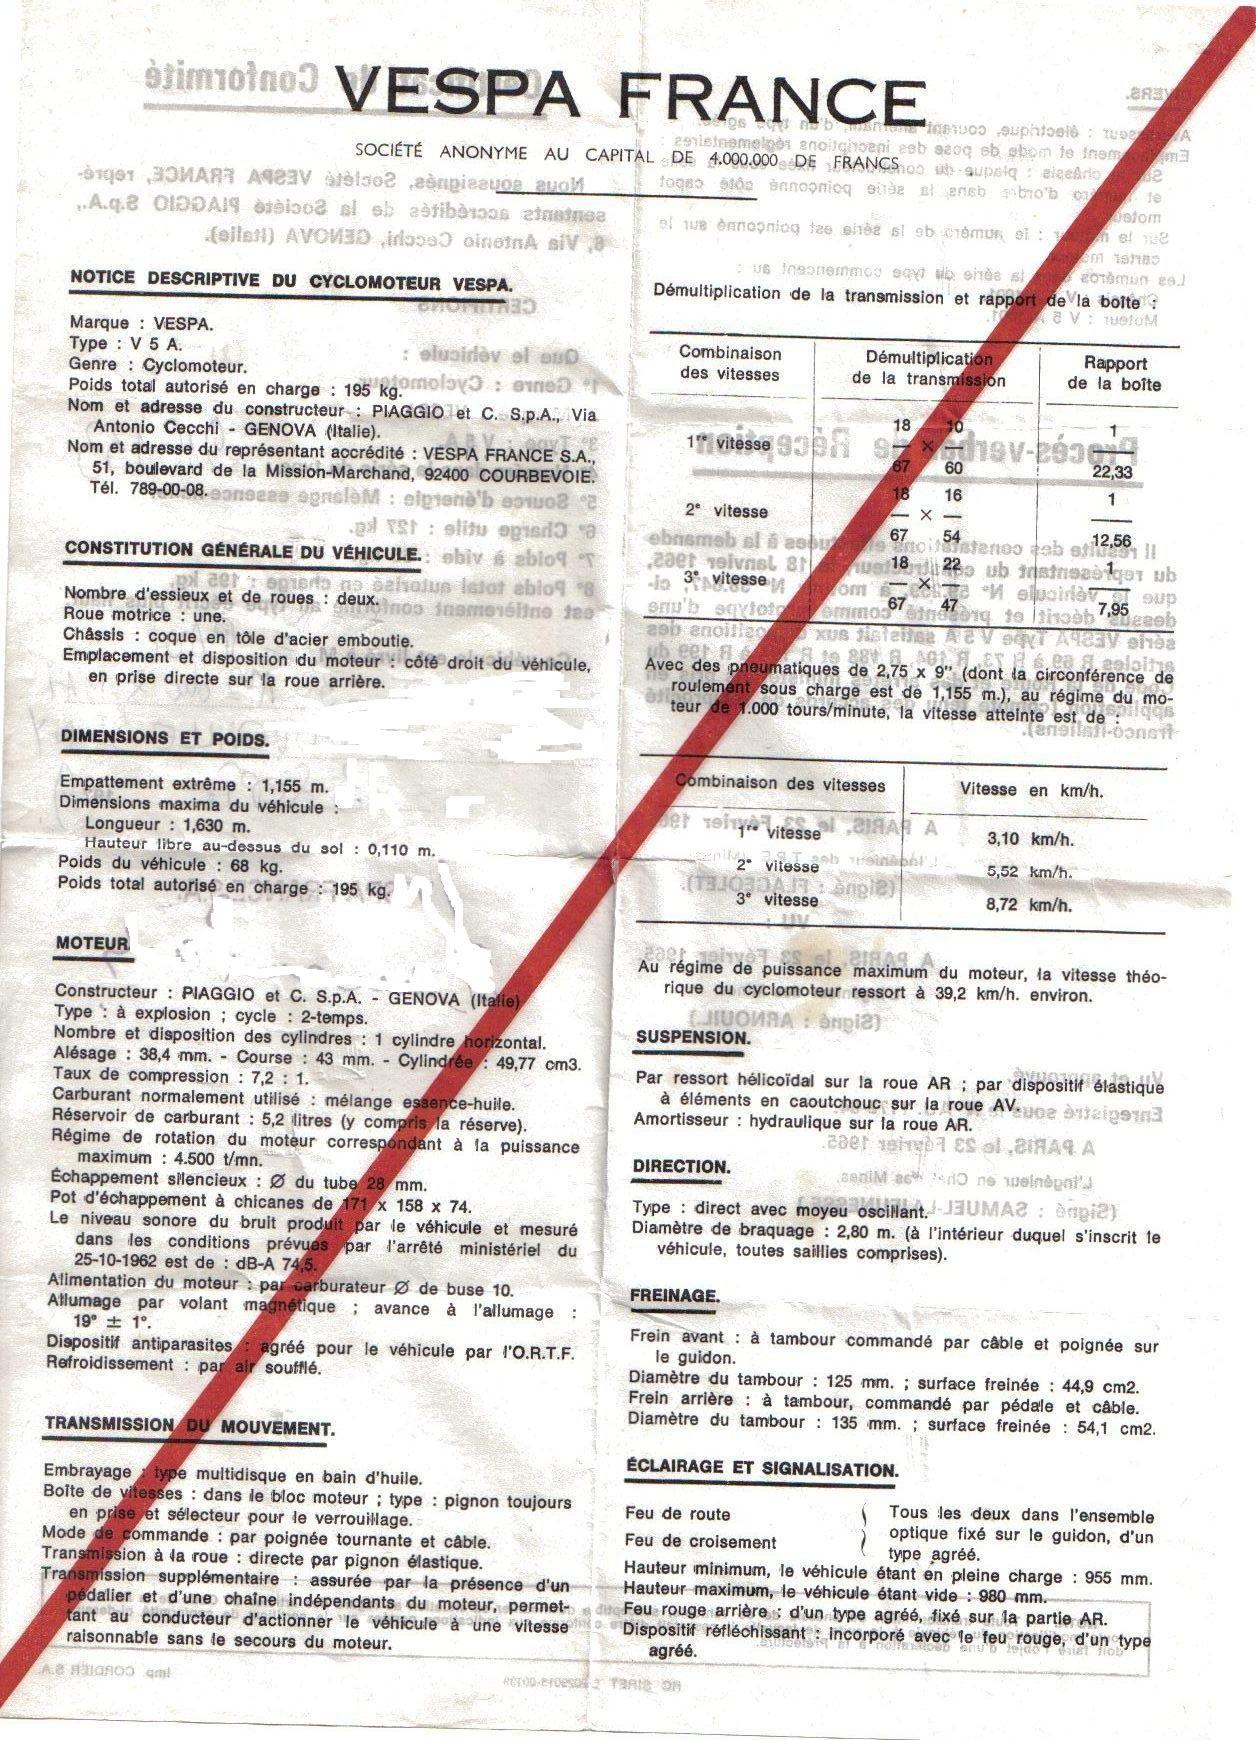 Certificat de Conformité Européen VESPA